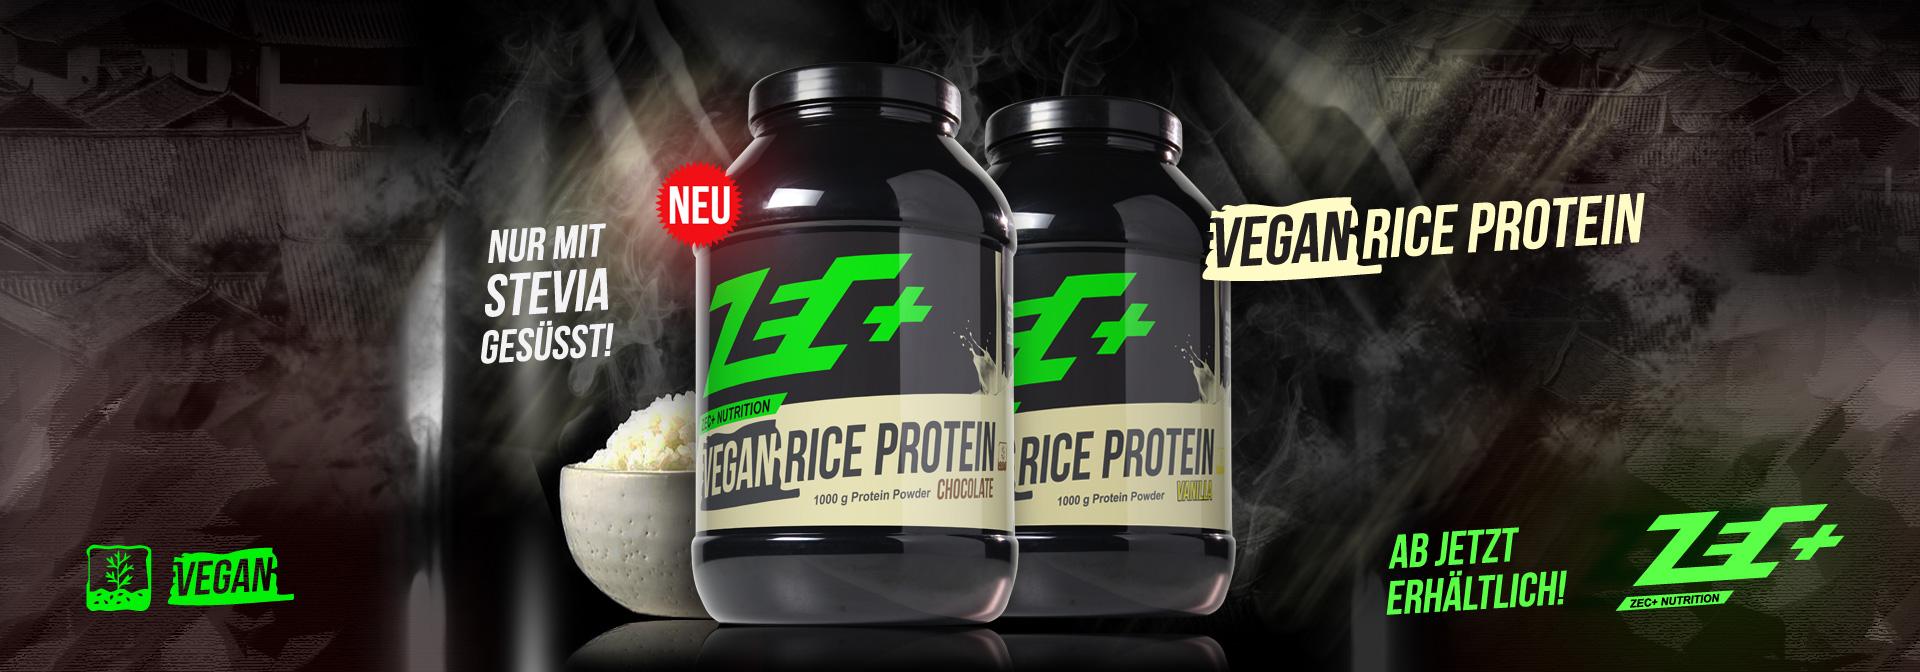 zecplus-reis-protein